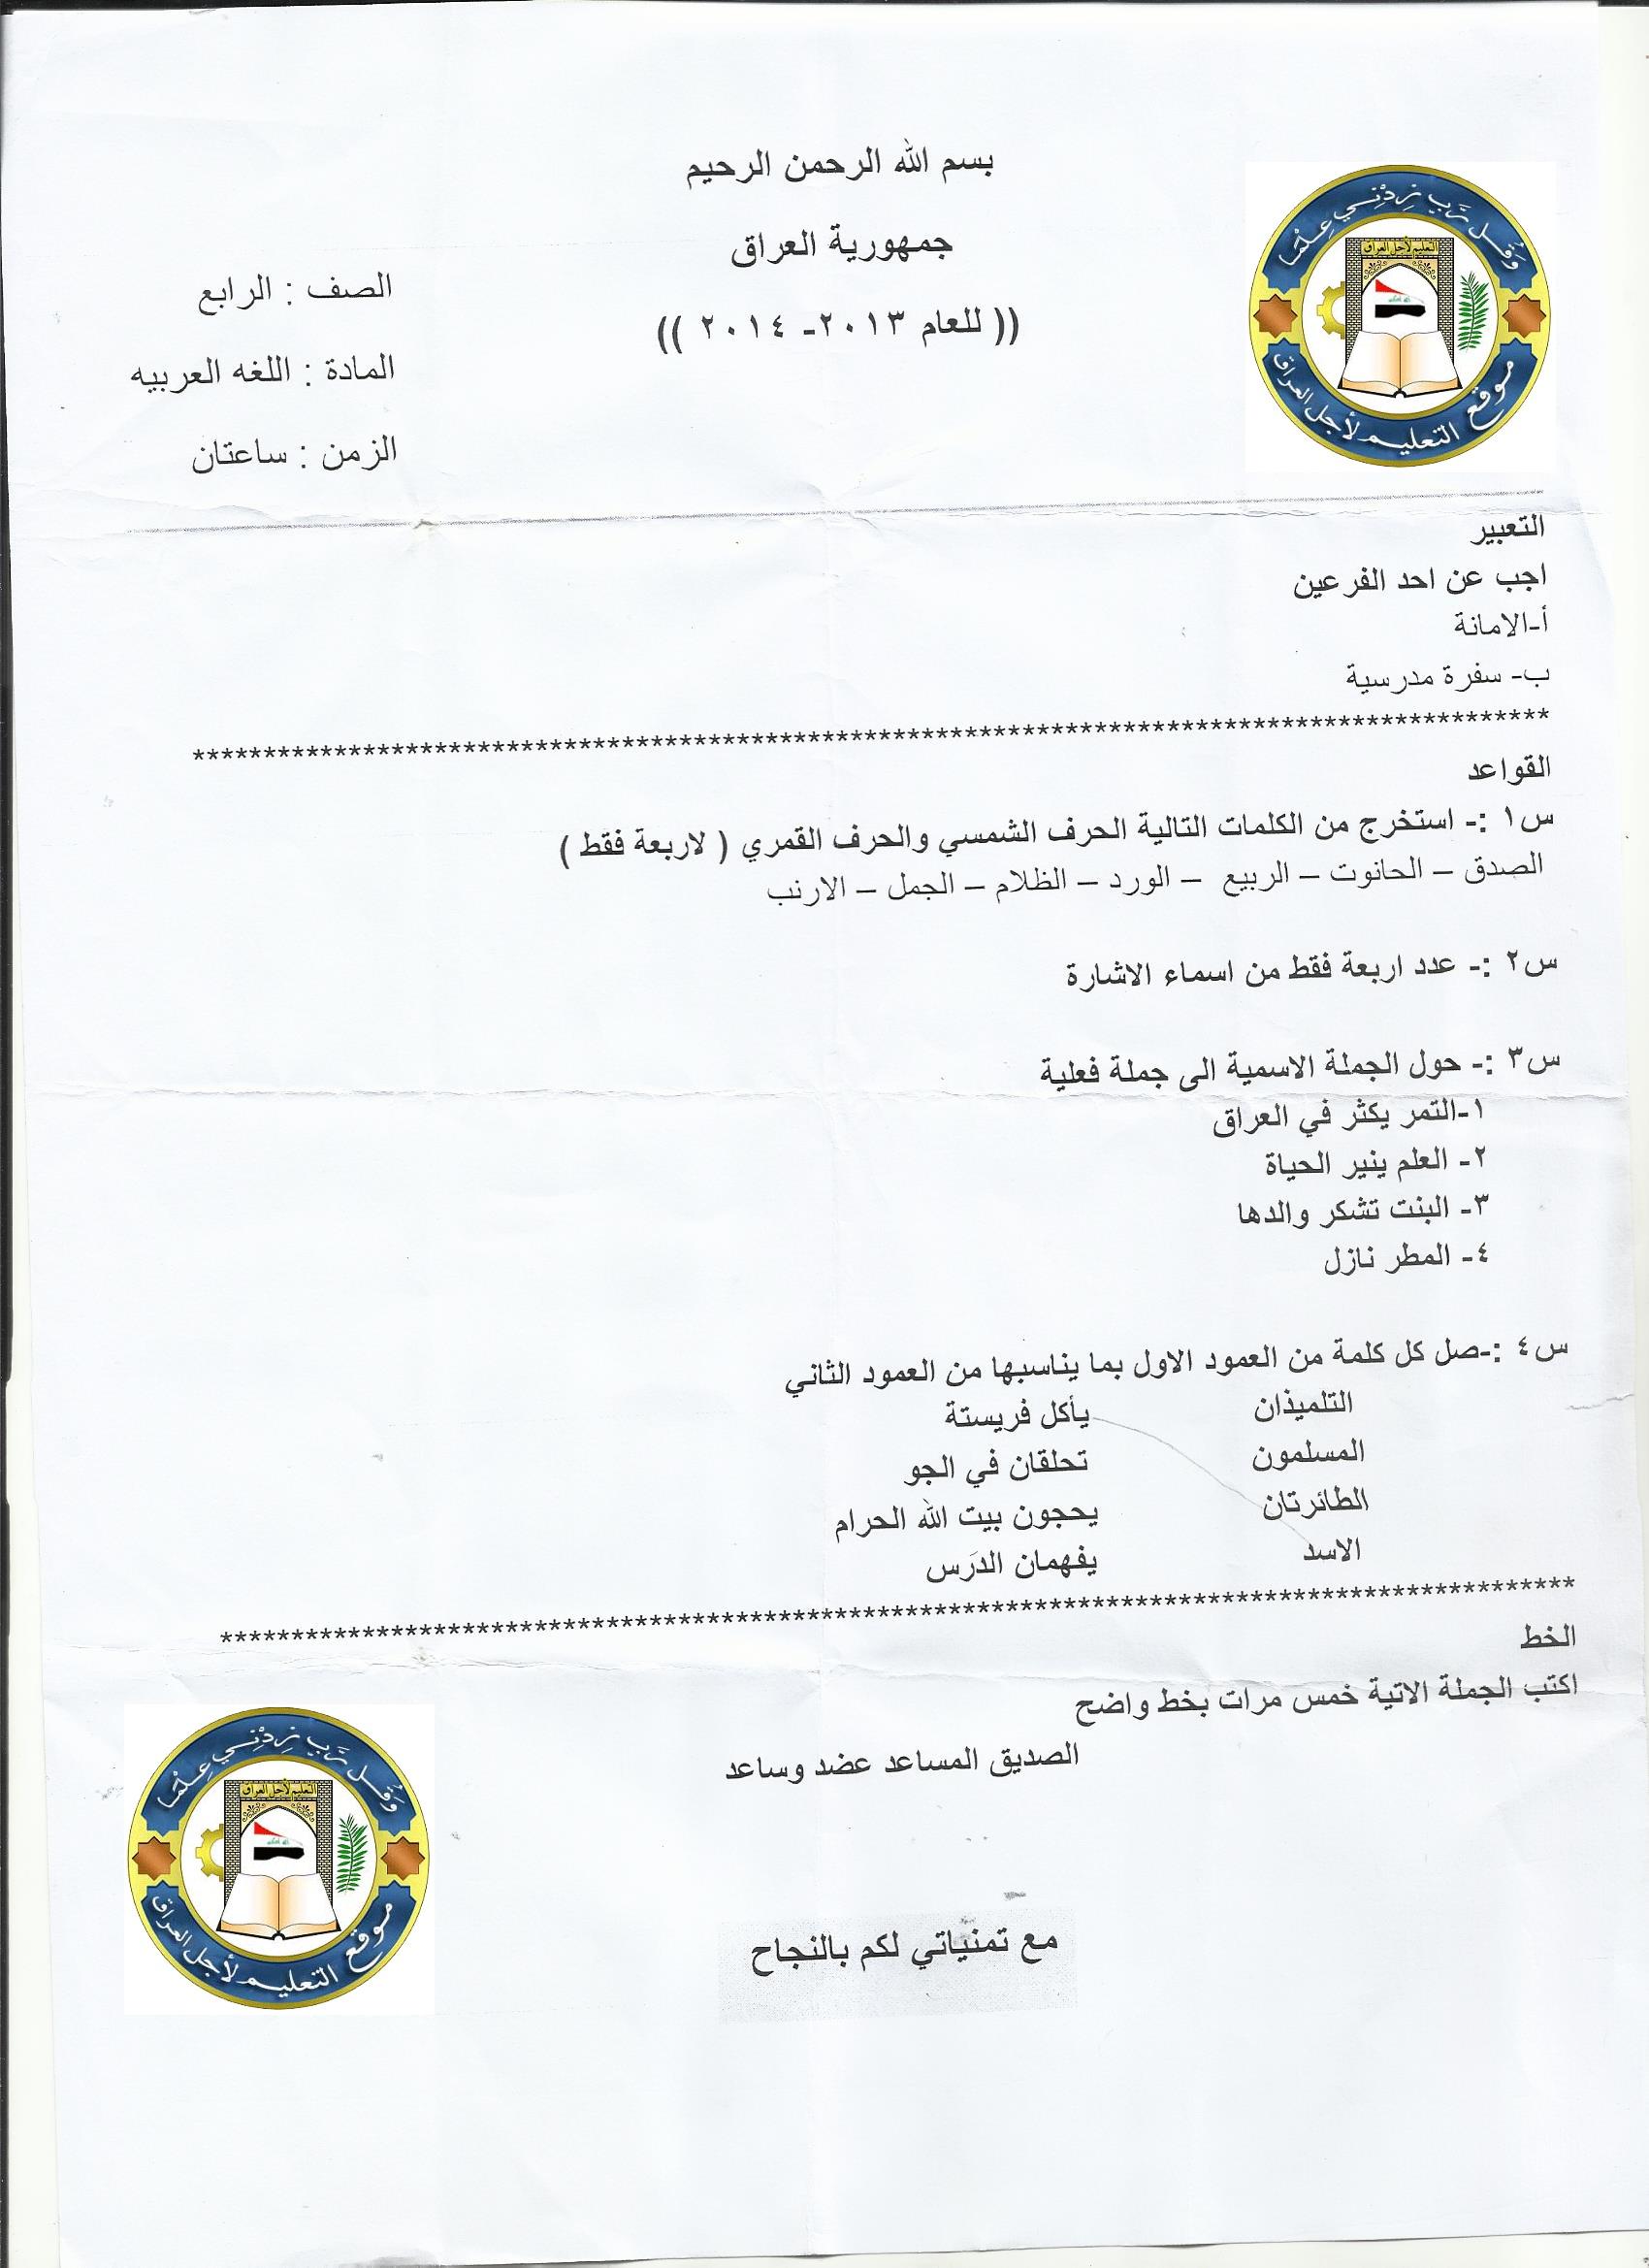 اللغة العربية  الرابع الابتدائي.jpg